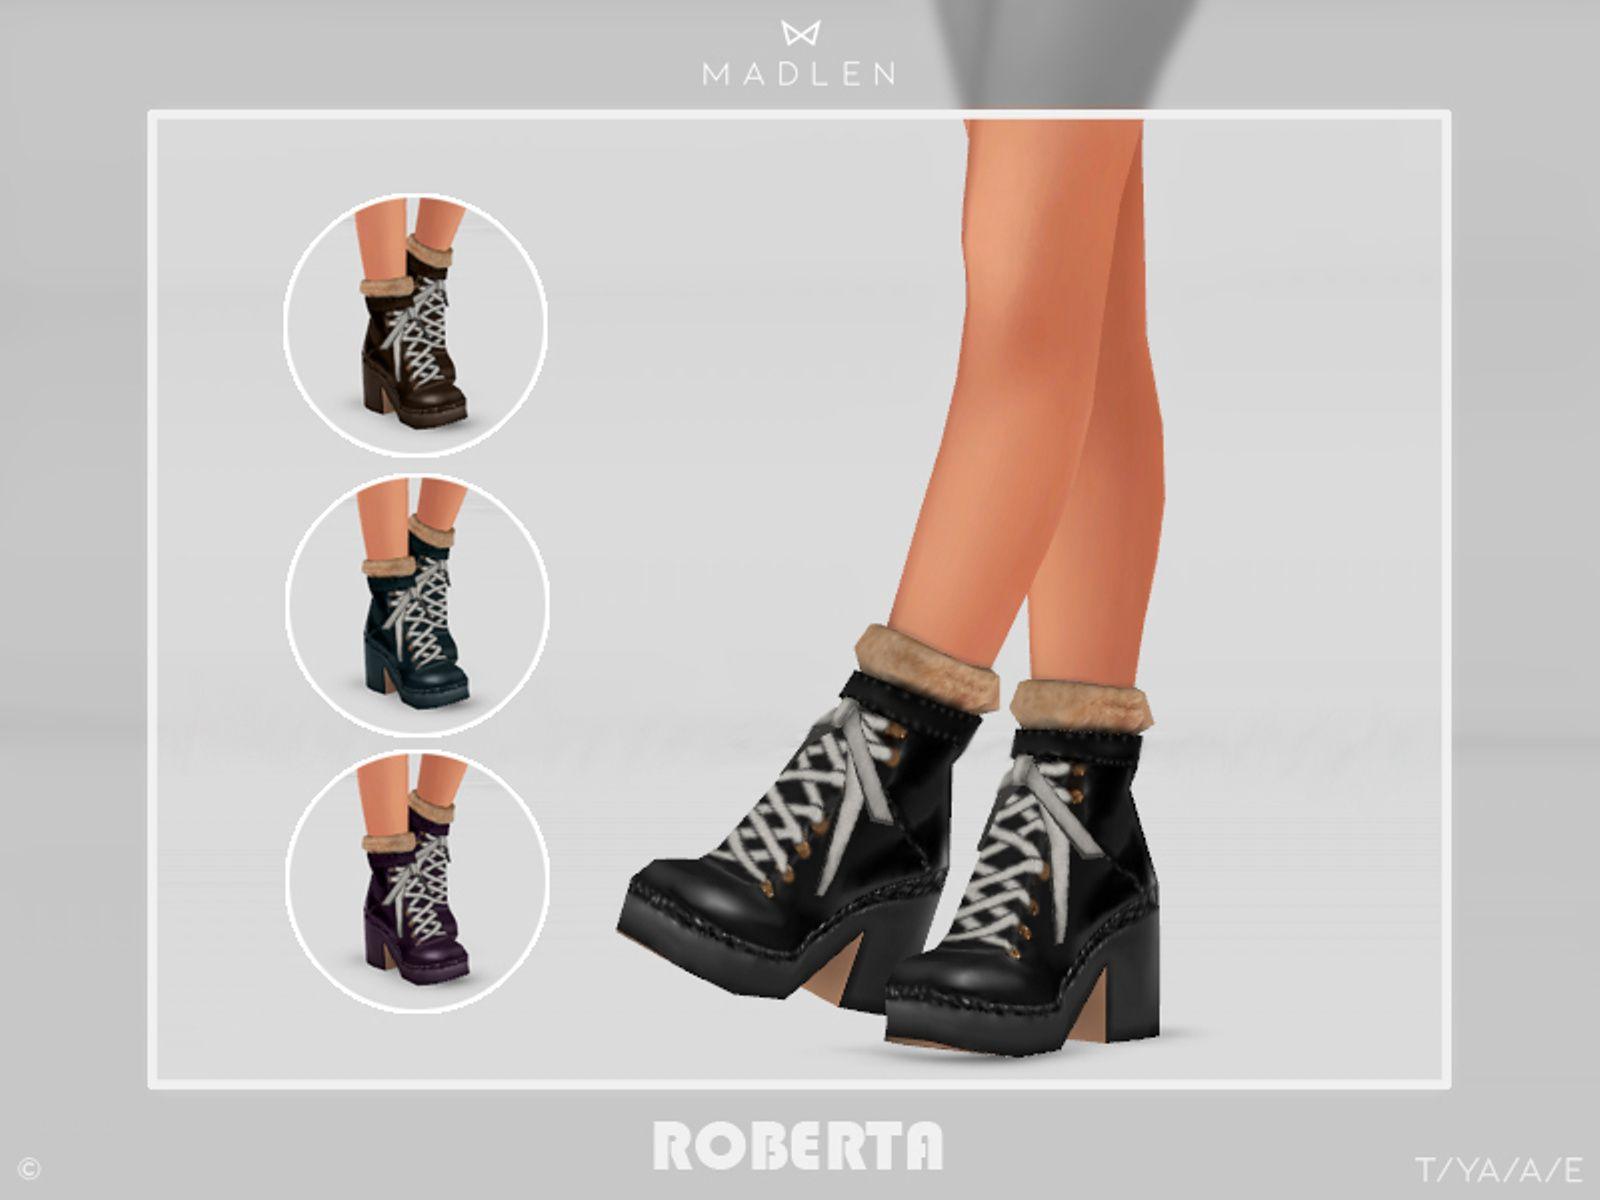 Madlen Roberta Boots | Madlen on Patreon